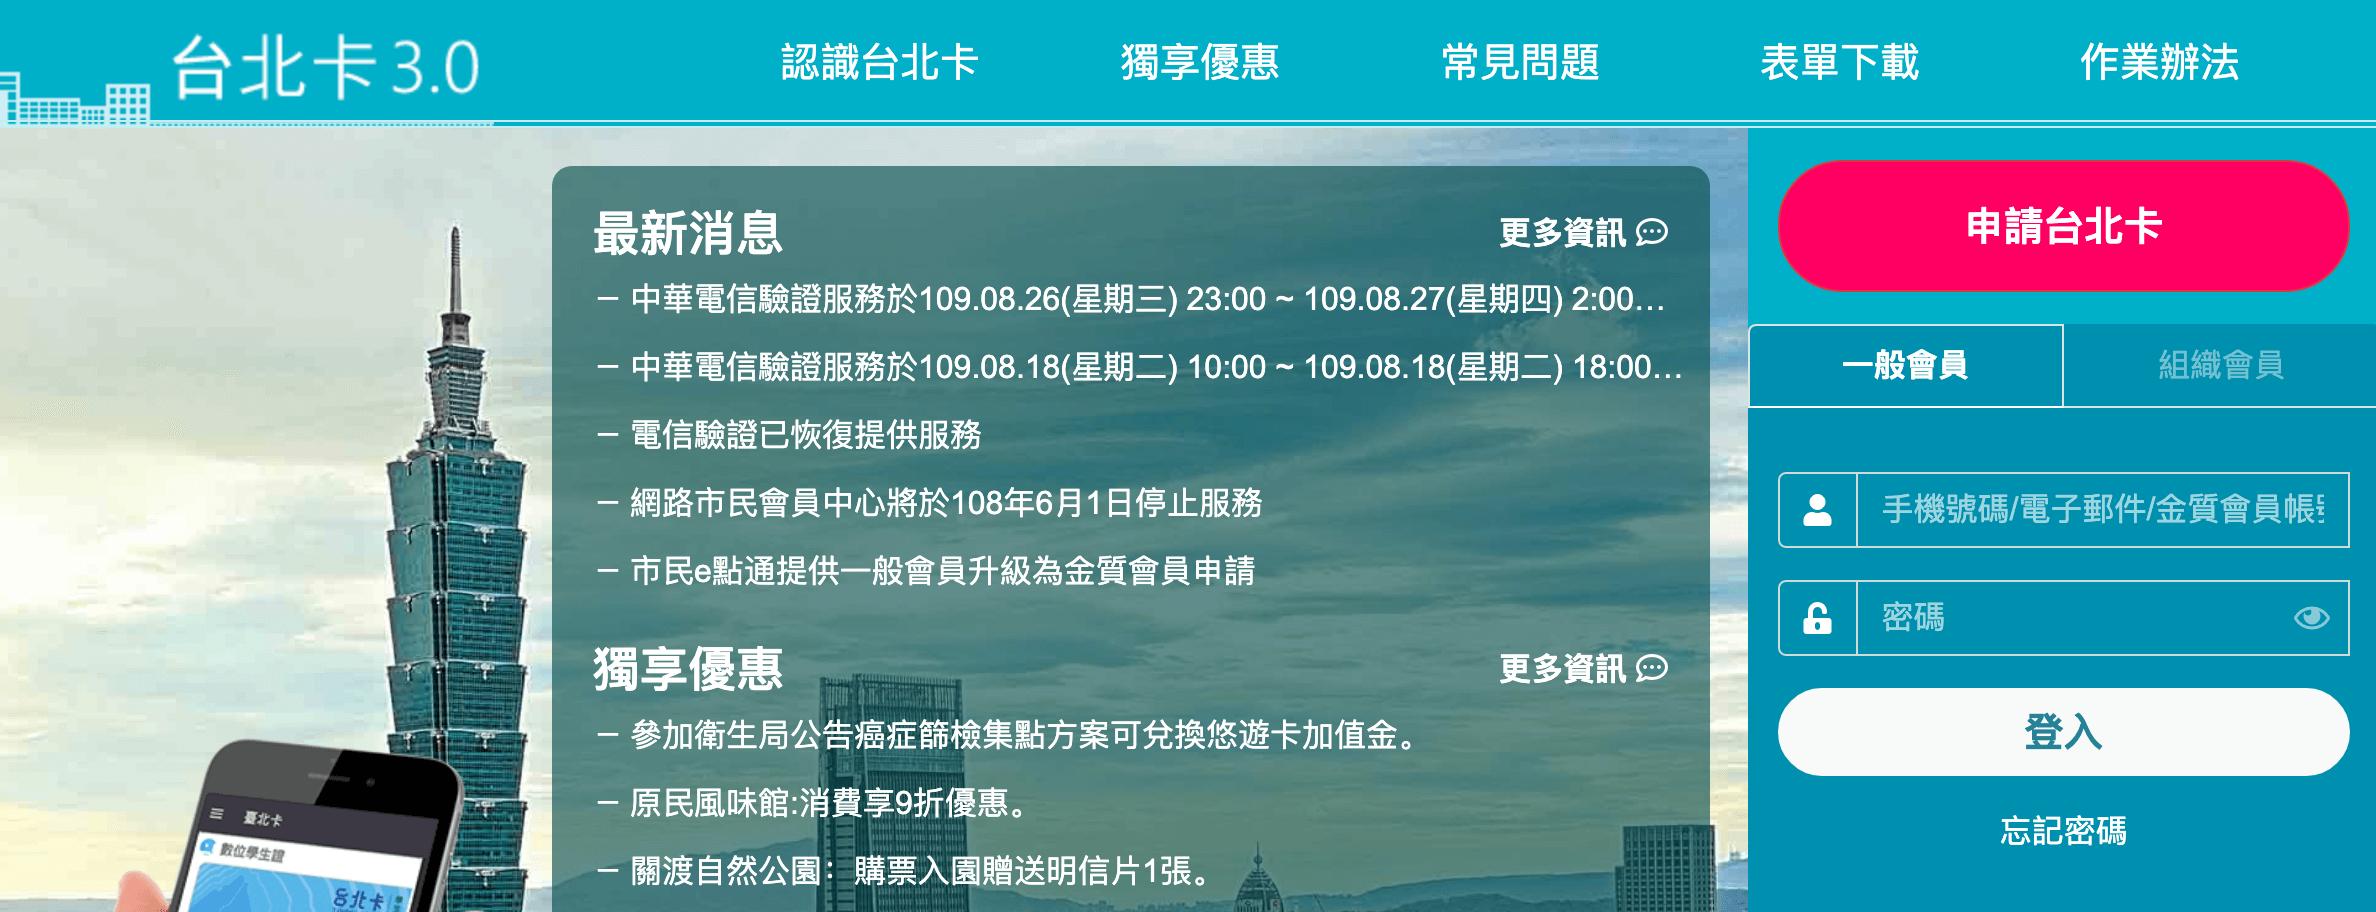 台北卡申請官網